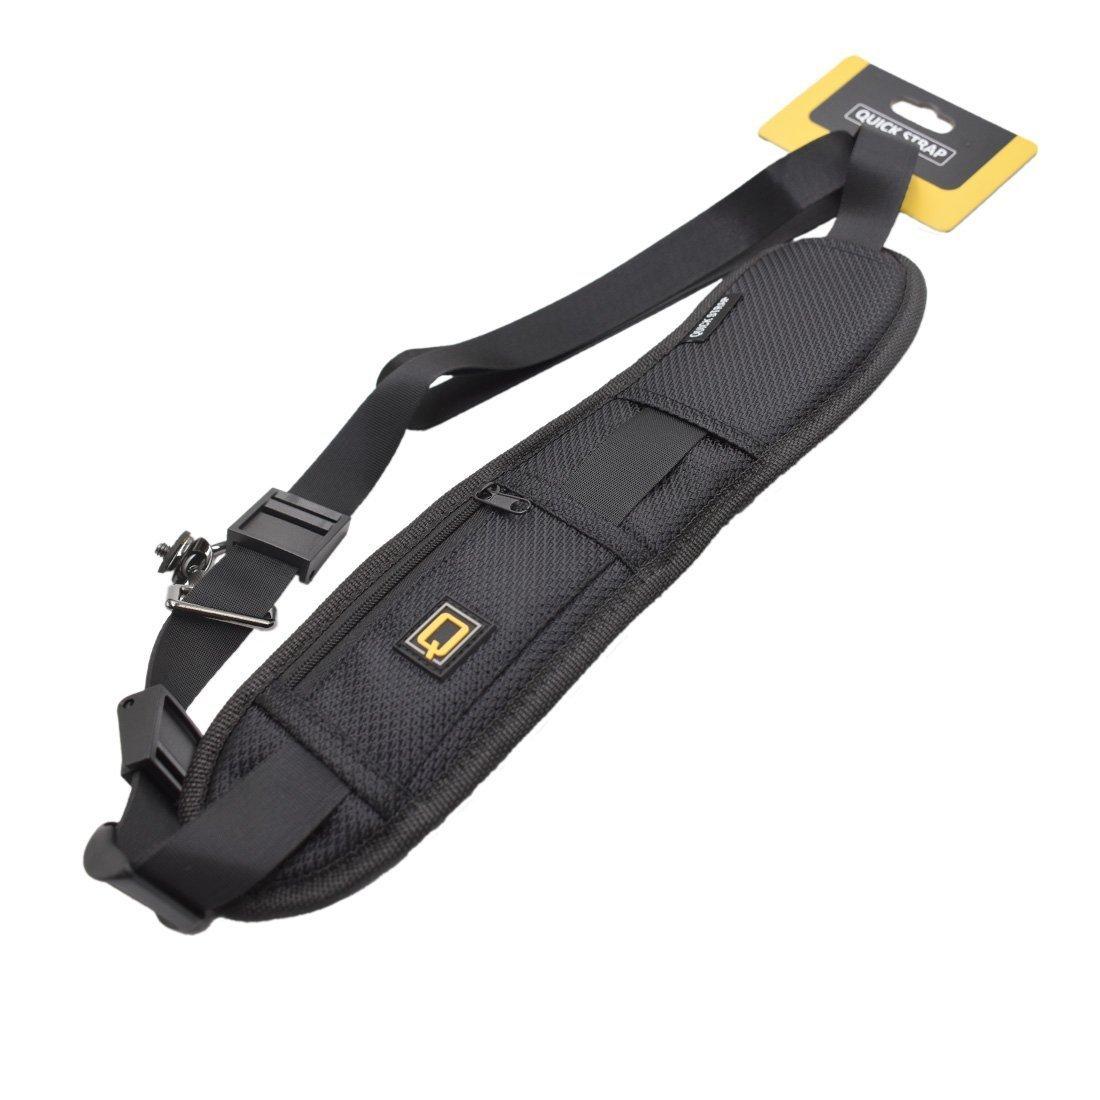 Color Negro DSLR Panasonic Correa de liberaci/¨/®n r/¨/¢pida para c/¨/¢Mara de Fotos Canon Nikon Sony Zhiyou